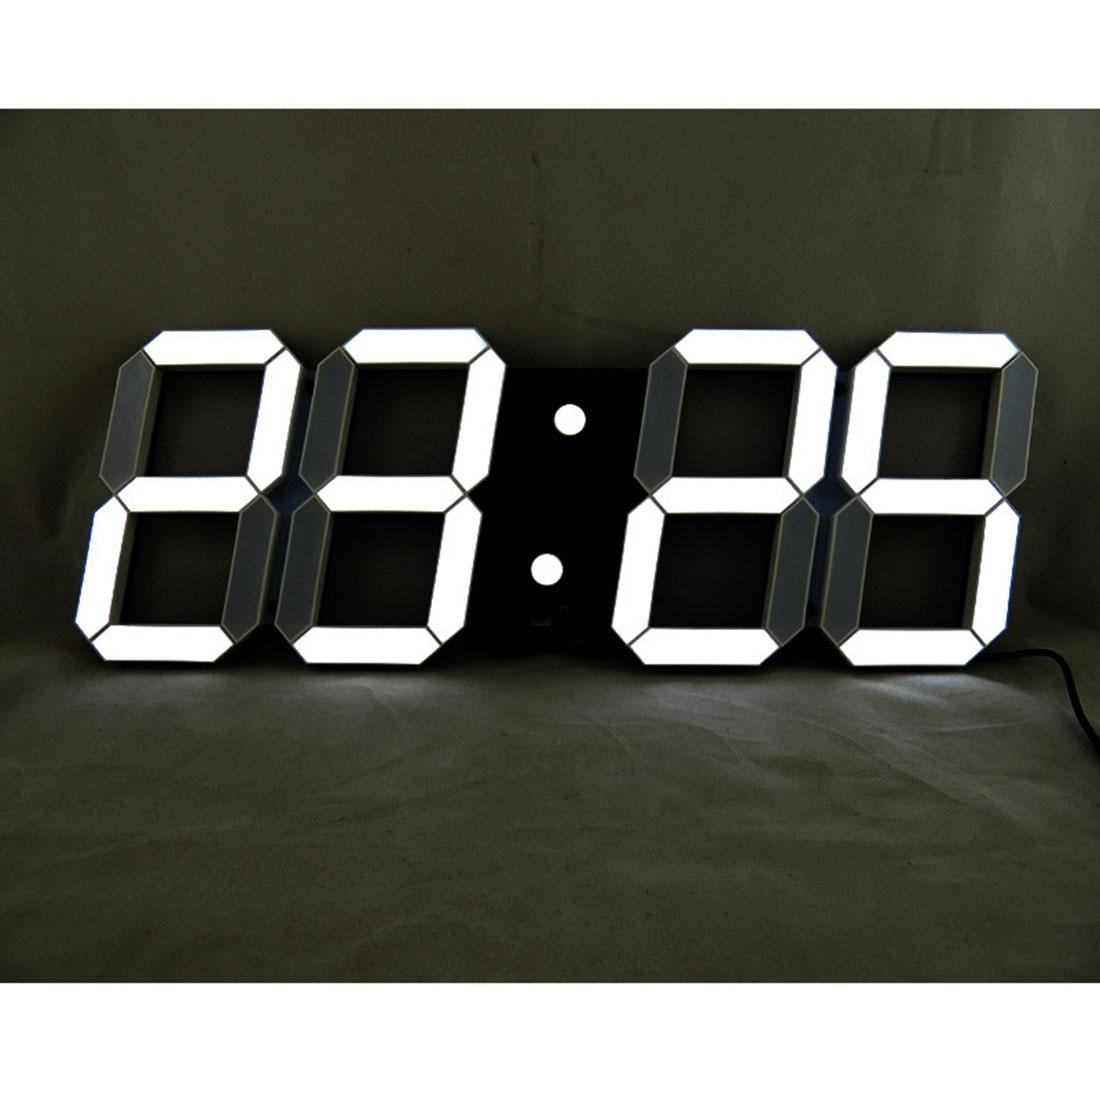 3D LED Numérique Horloges Murales 24 Heures Affichage Luminosité Dimmable Veilleuse Snooze Fonction pour La Maison Cuisine Bureau